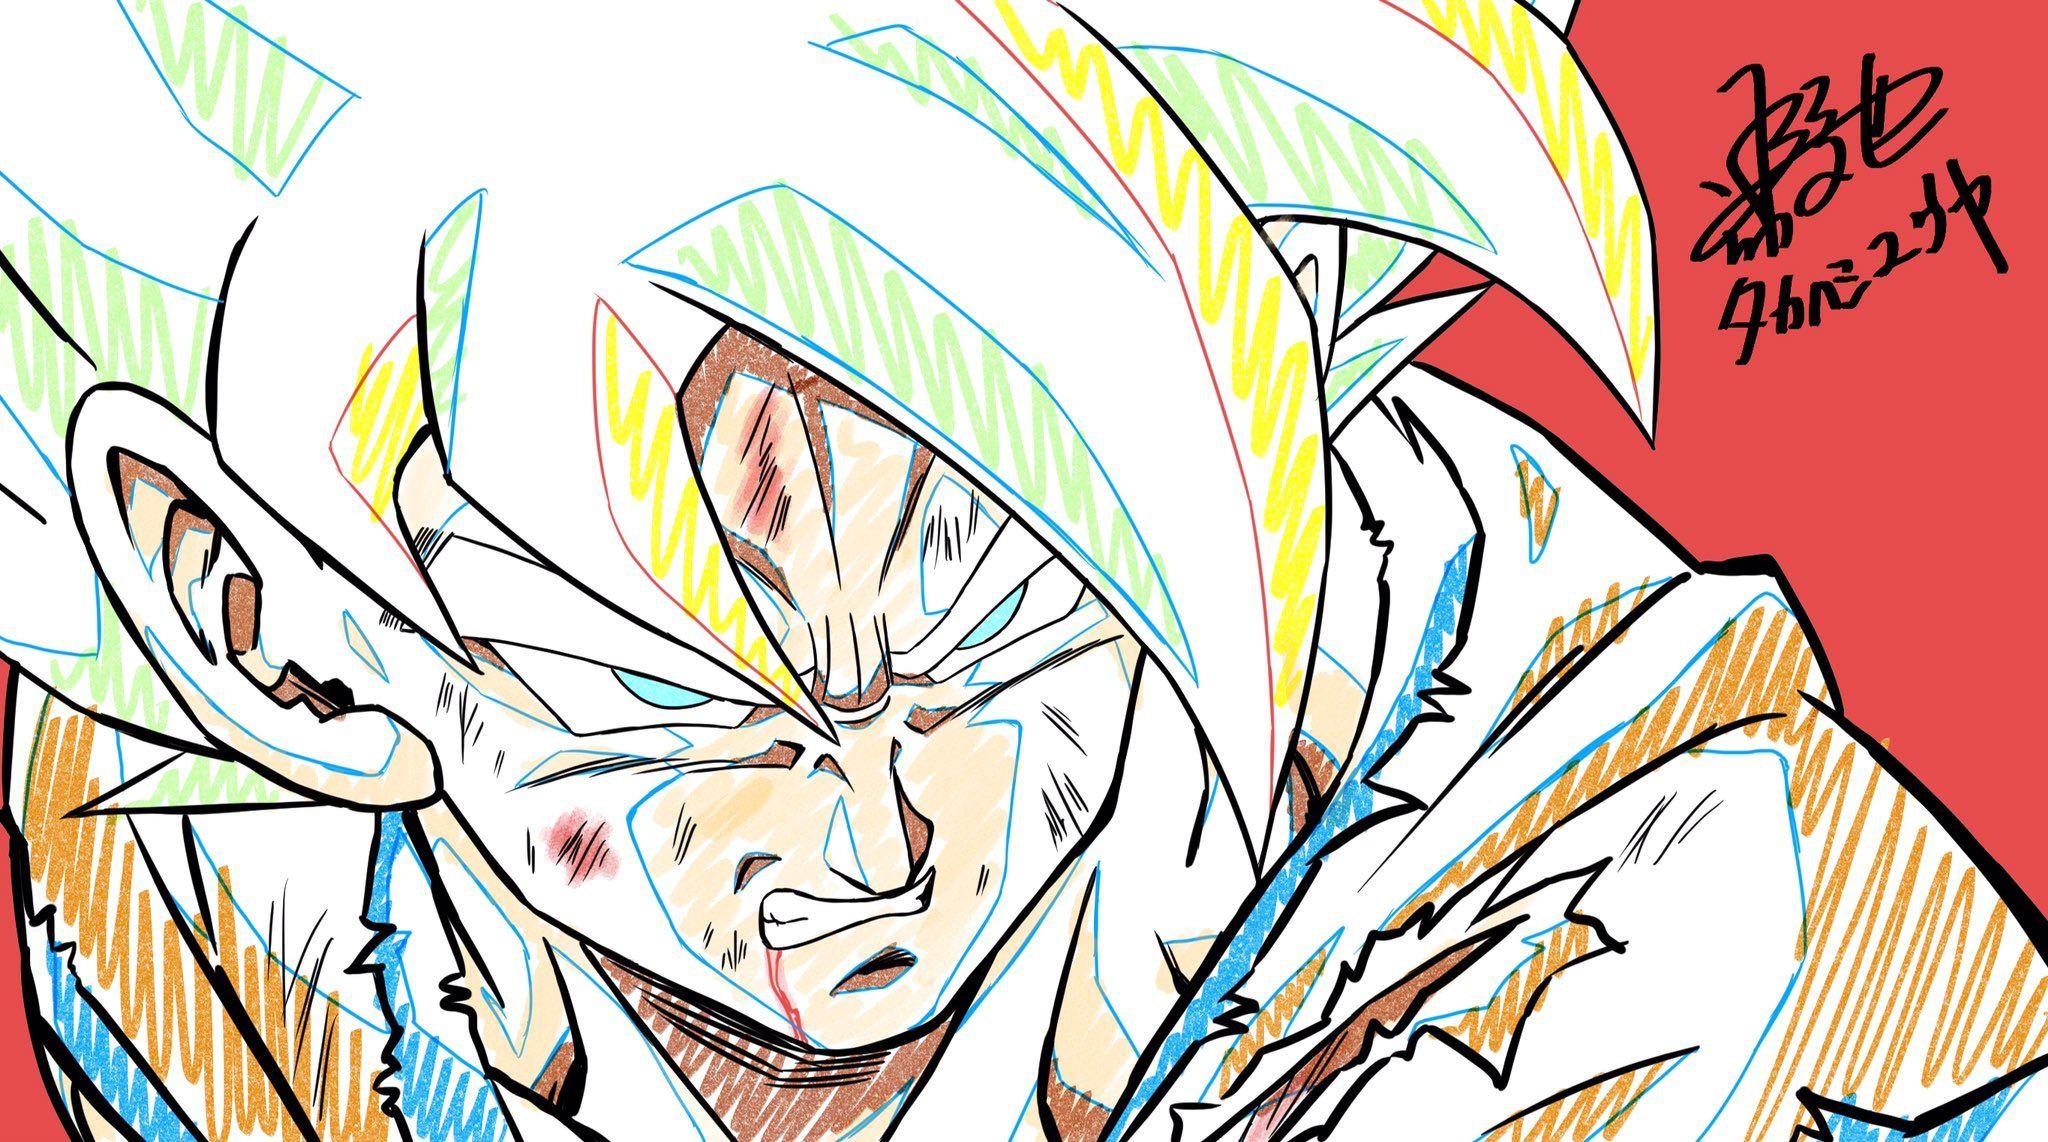 高橋 優也 アニメ作画 on twitter anime dragon ball super dragon ball artwork dragon ball art